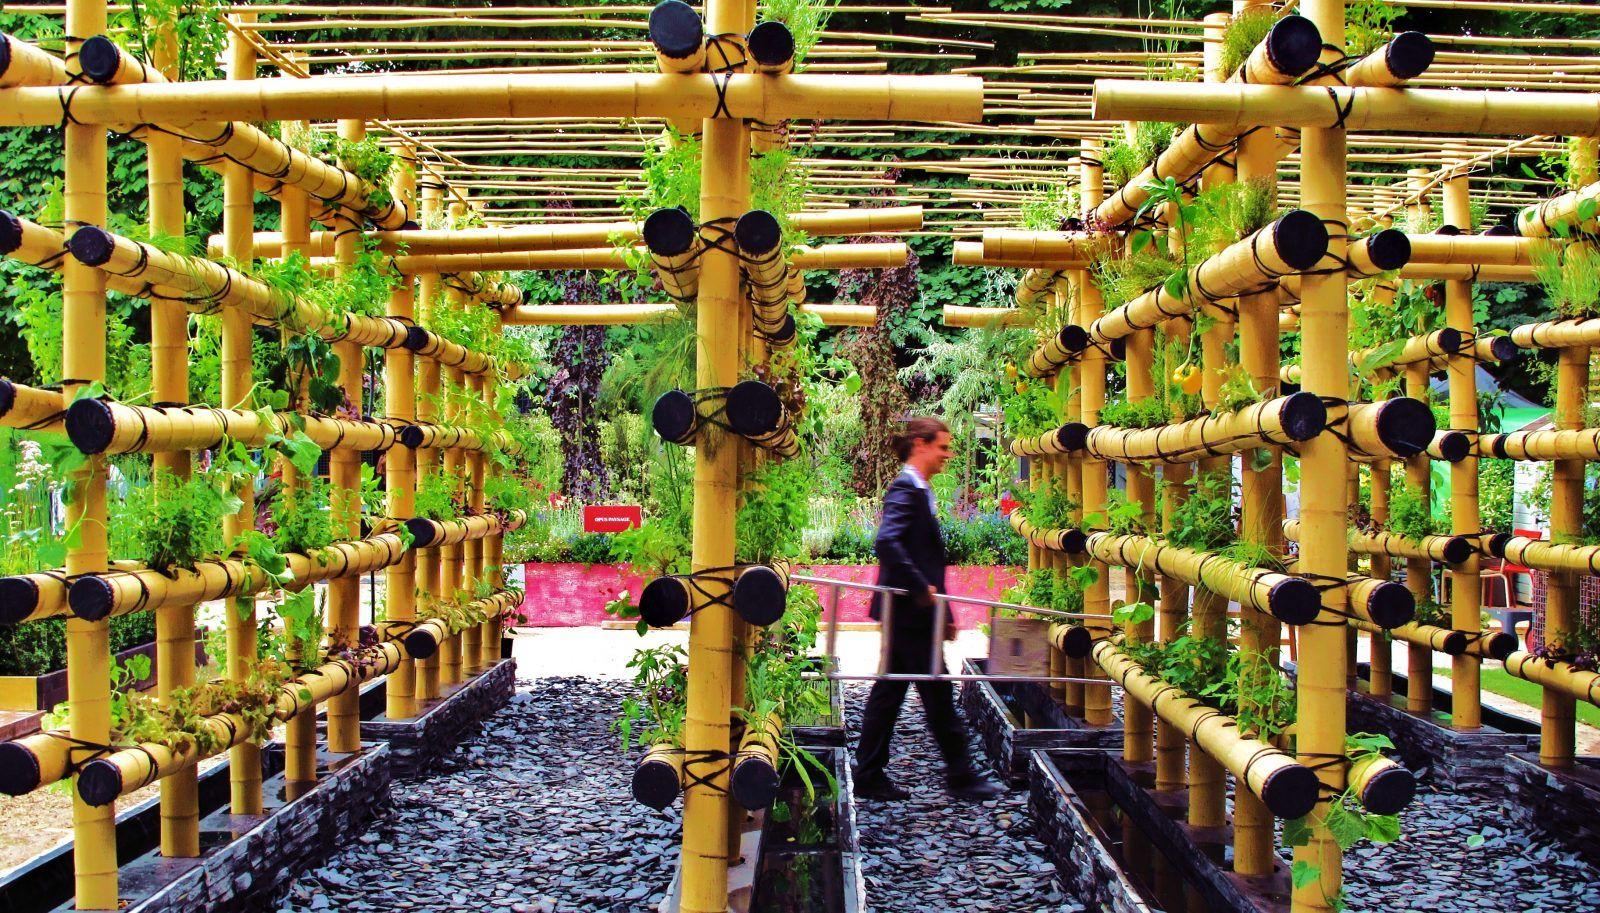 Quand Le Potager Urbain S'invite En Ville … | Rondino ... concernant Echafaudage De Jardin